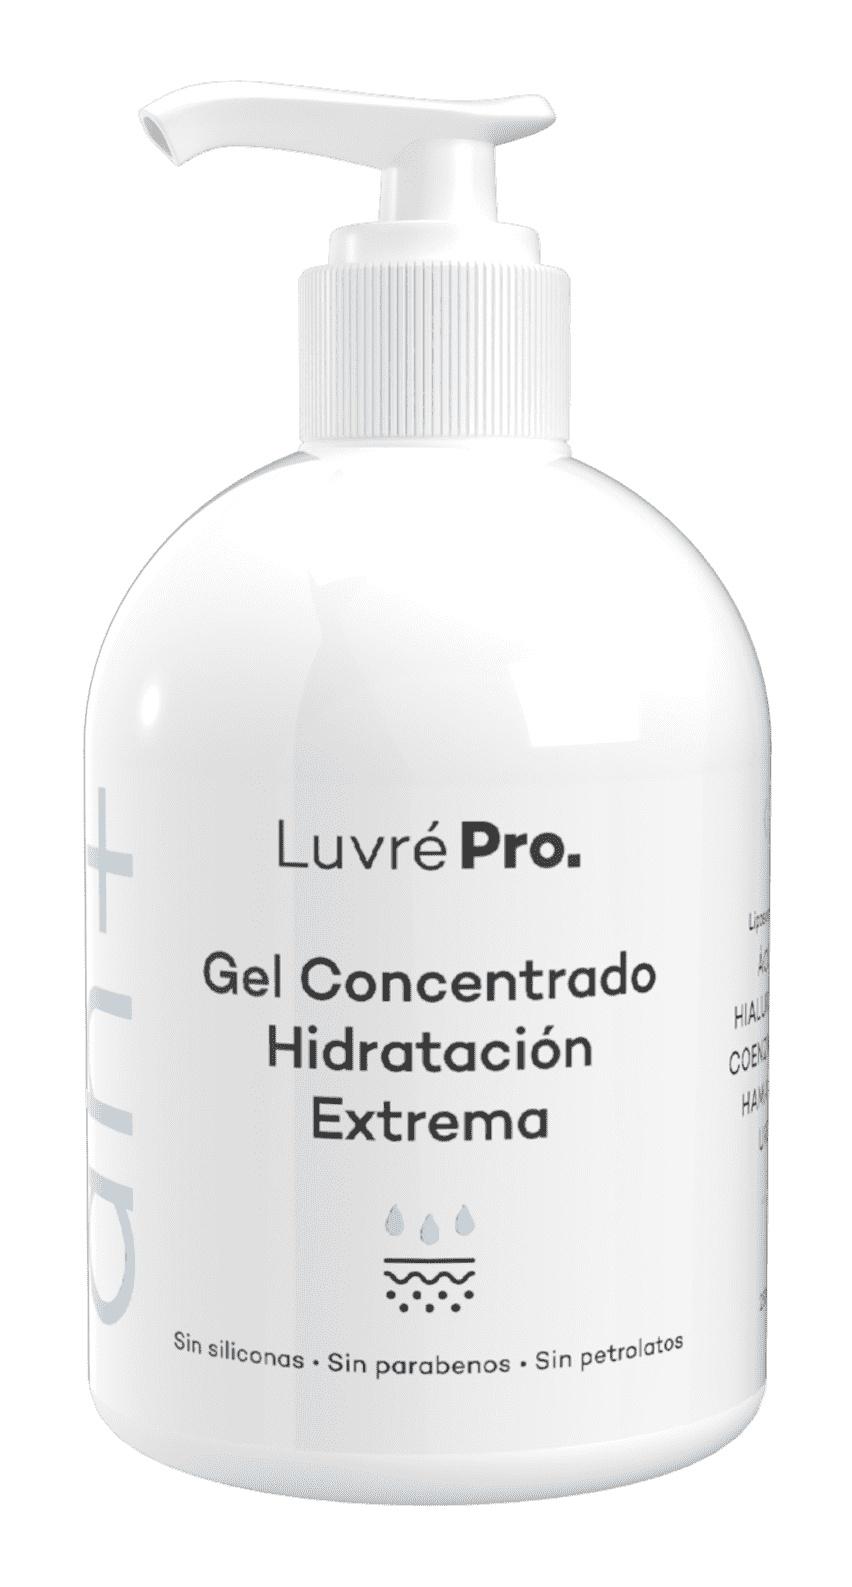 LuvrePro Gel Concentrado Hidratación Extrema